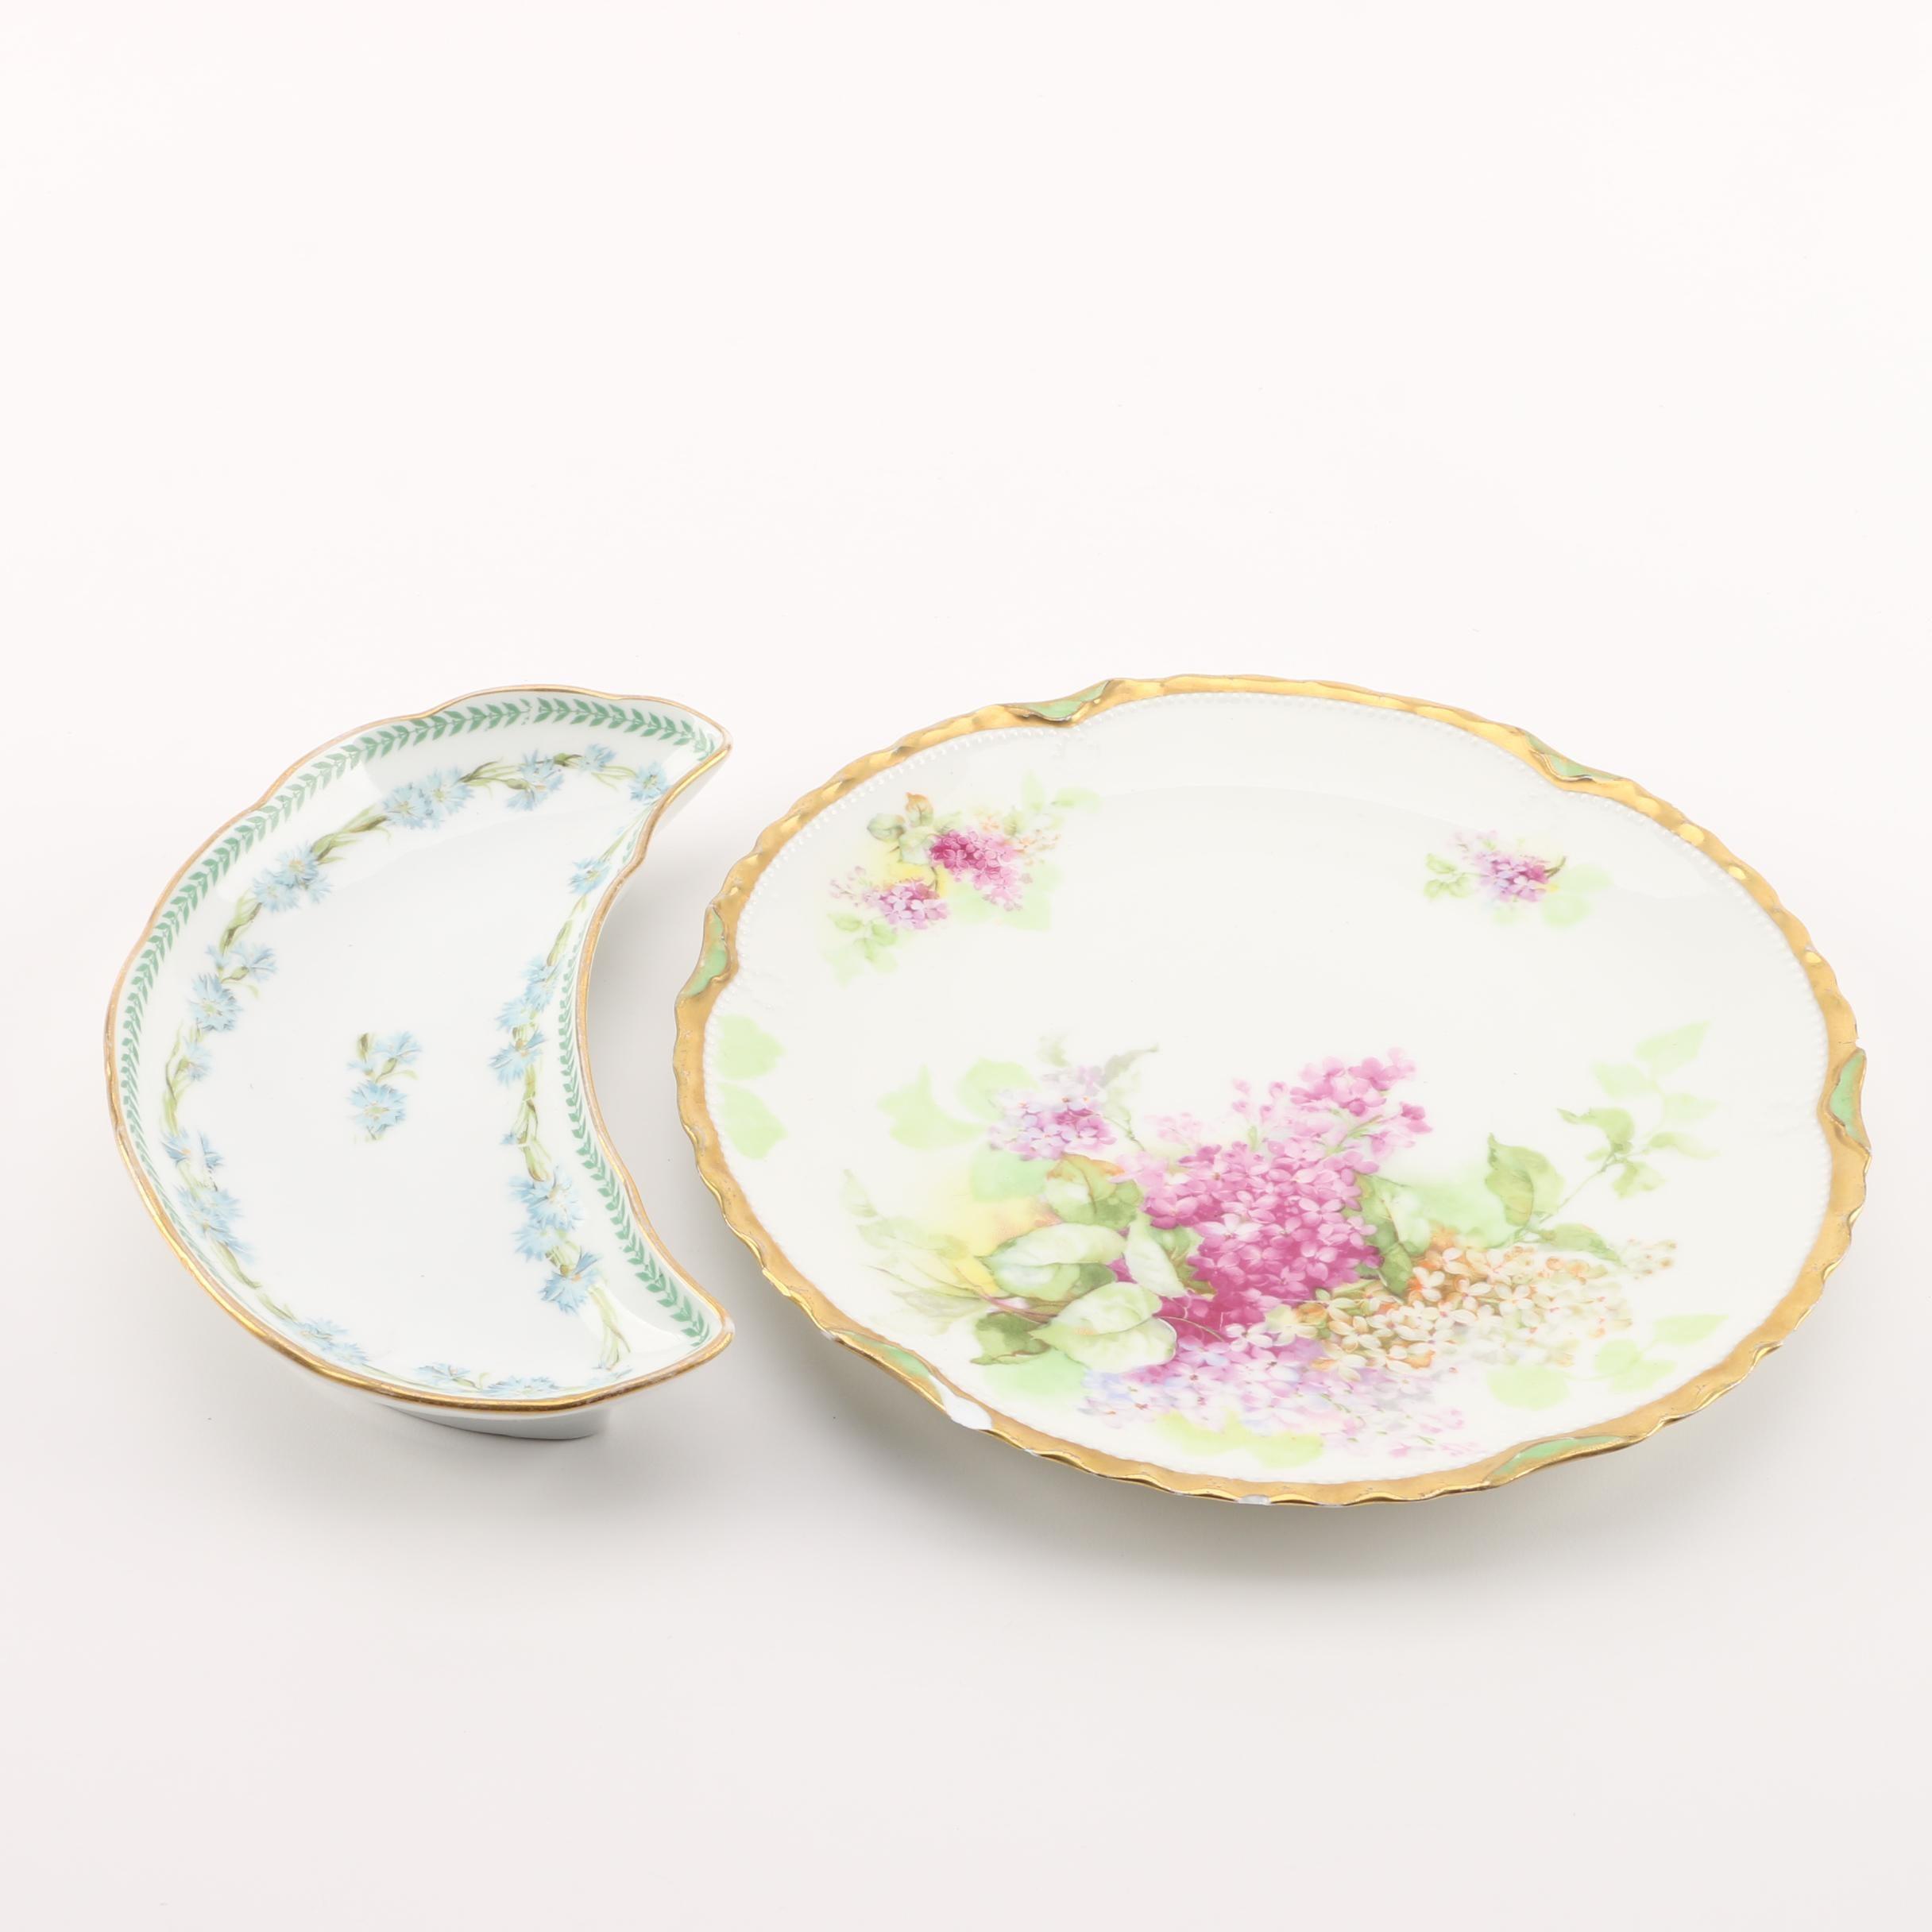 Vintage Limoges Porcelain Tableware Including Charles Martin